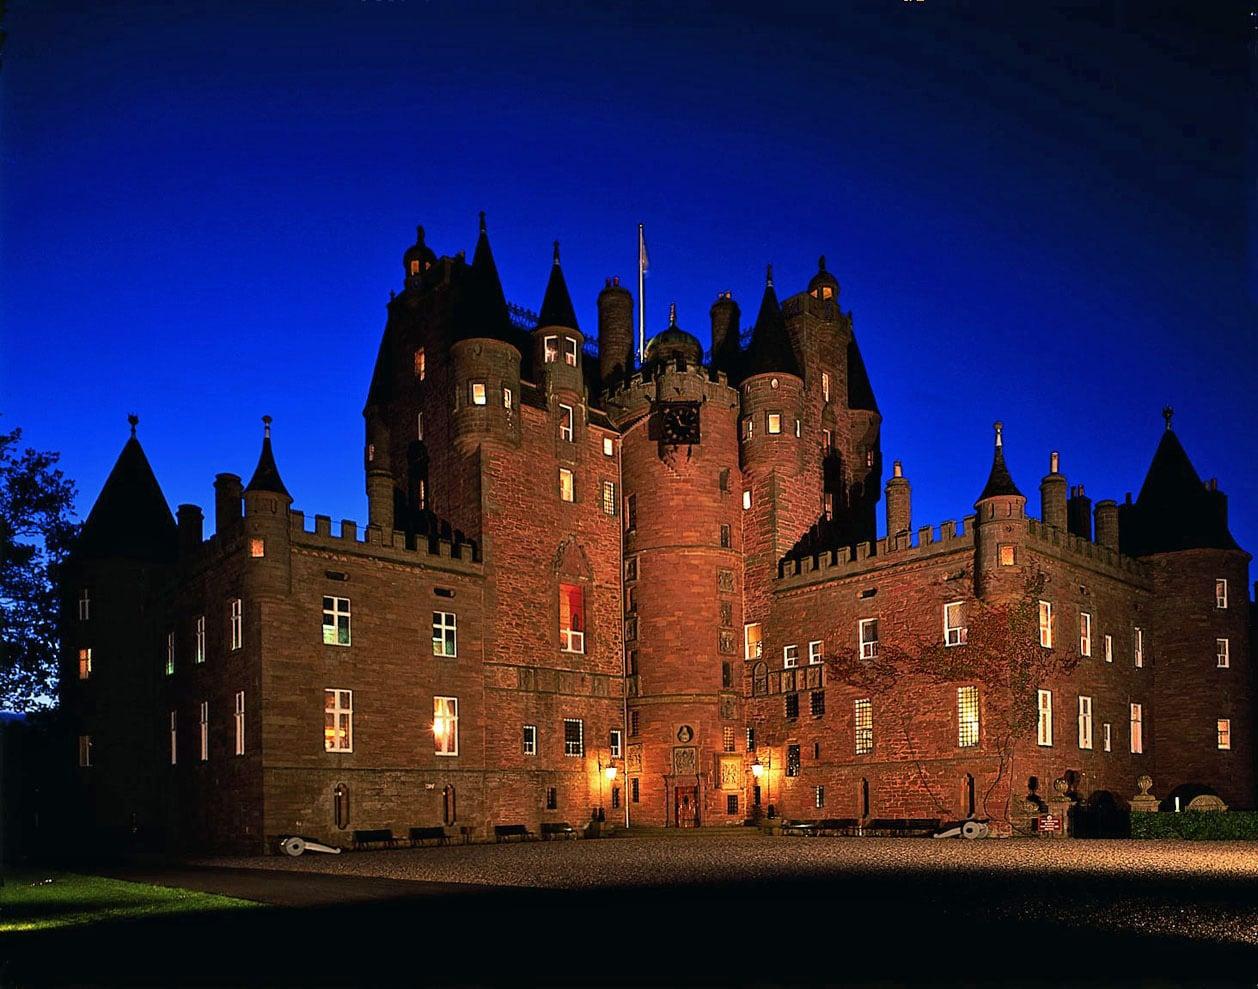 Castelul este iluminat în timpul nopţii